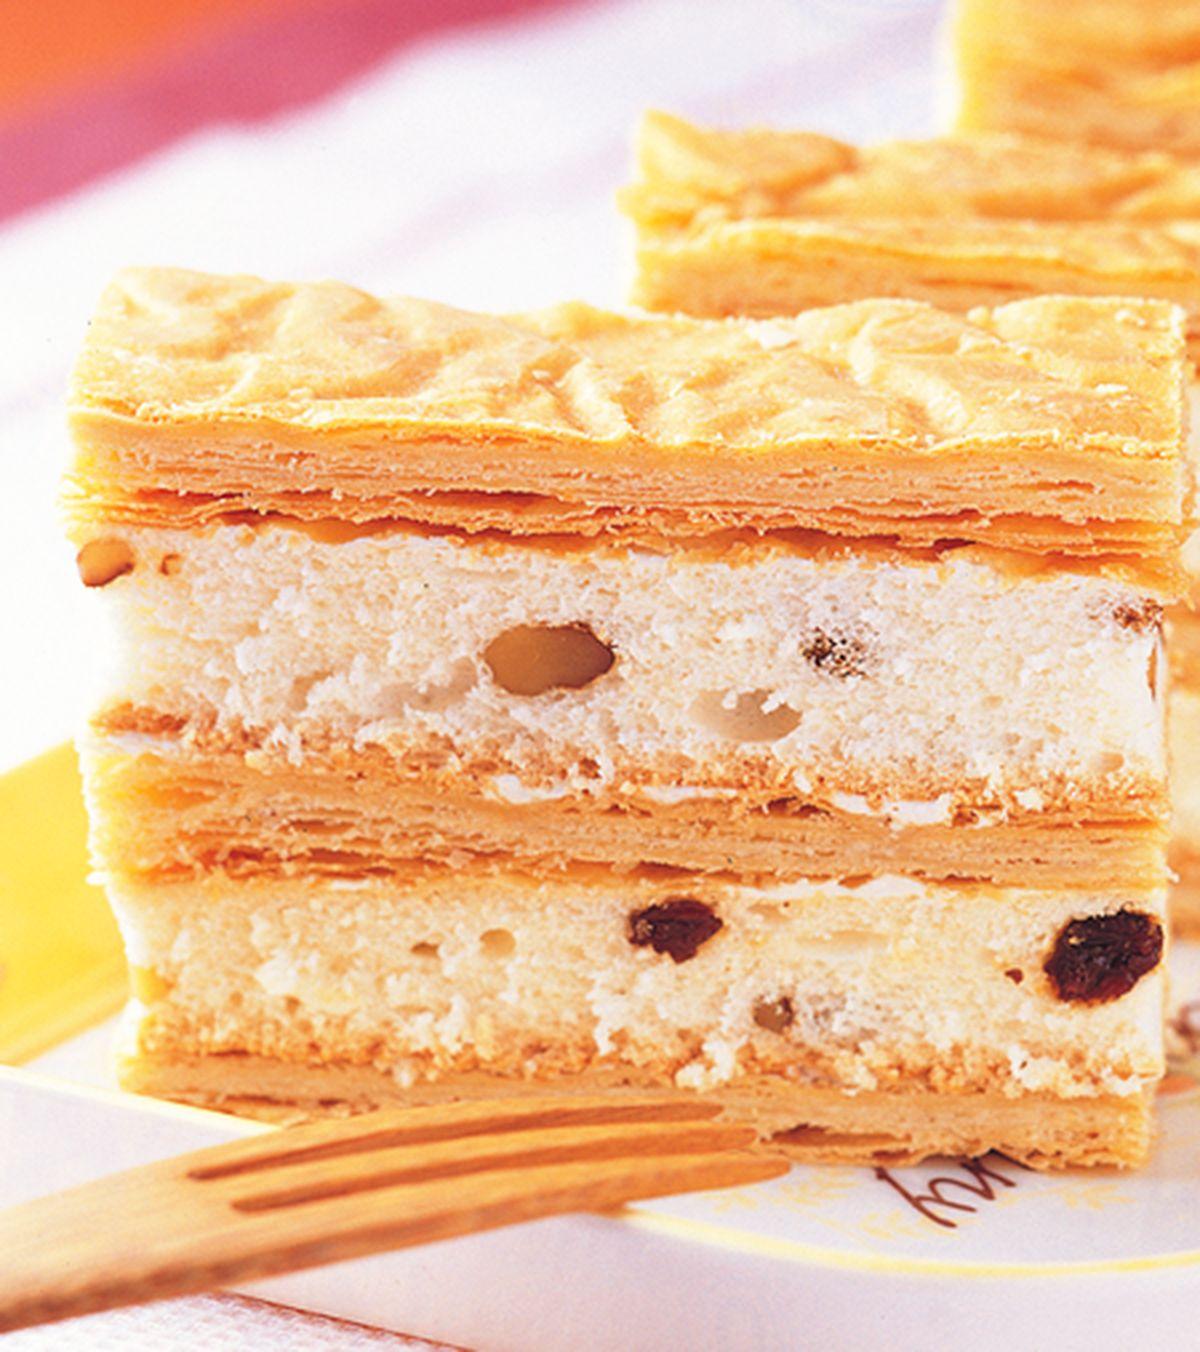 食譜:起酥天使蛋糕